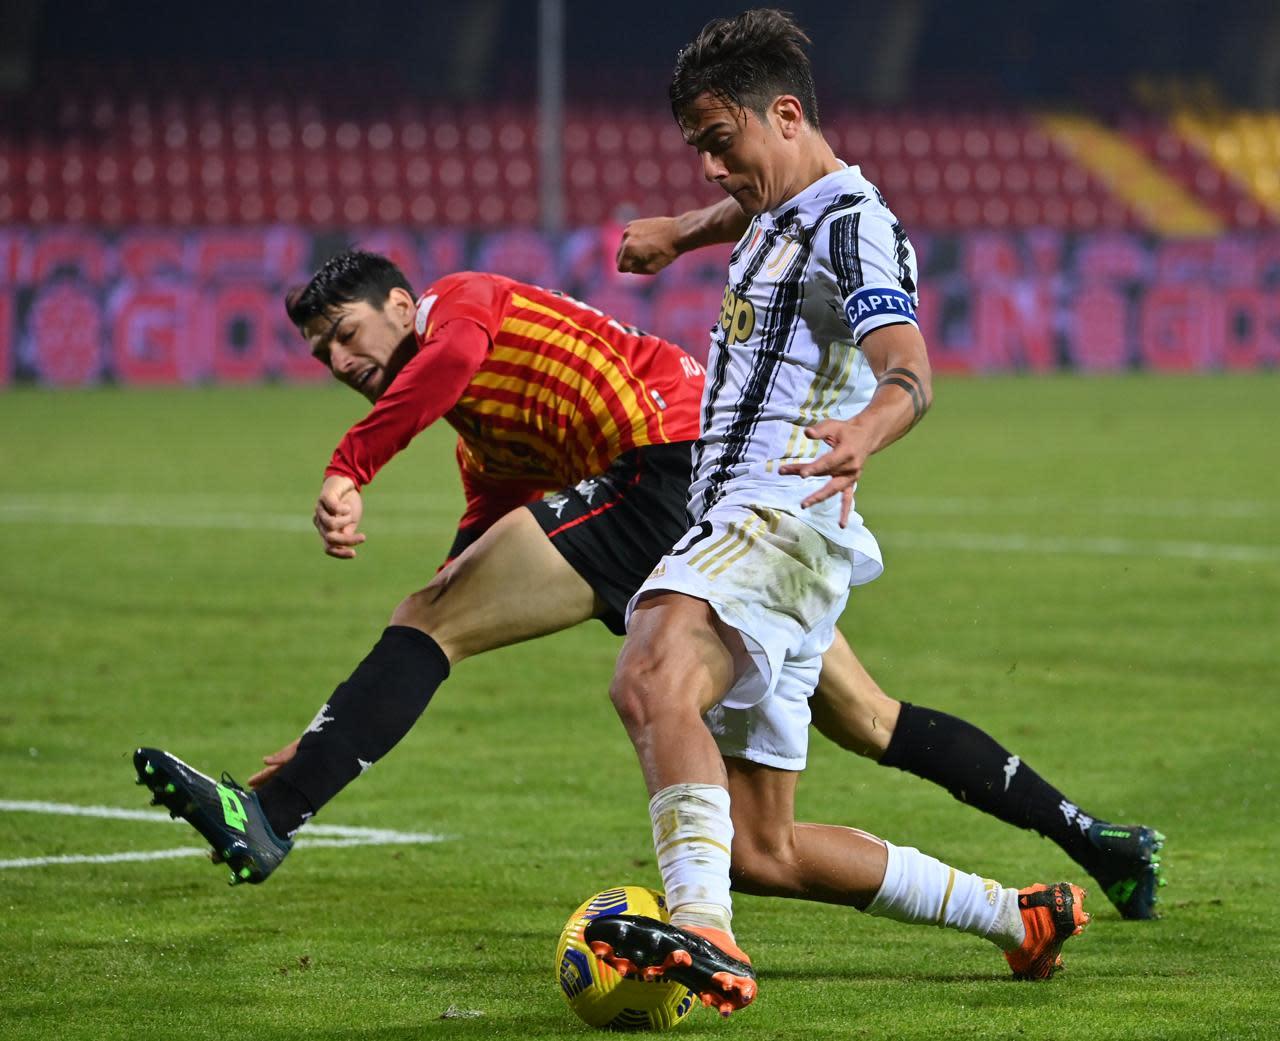 Calcio, alla Juve non basta Morata: 1-1 col Benevento